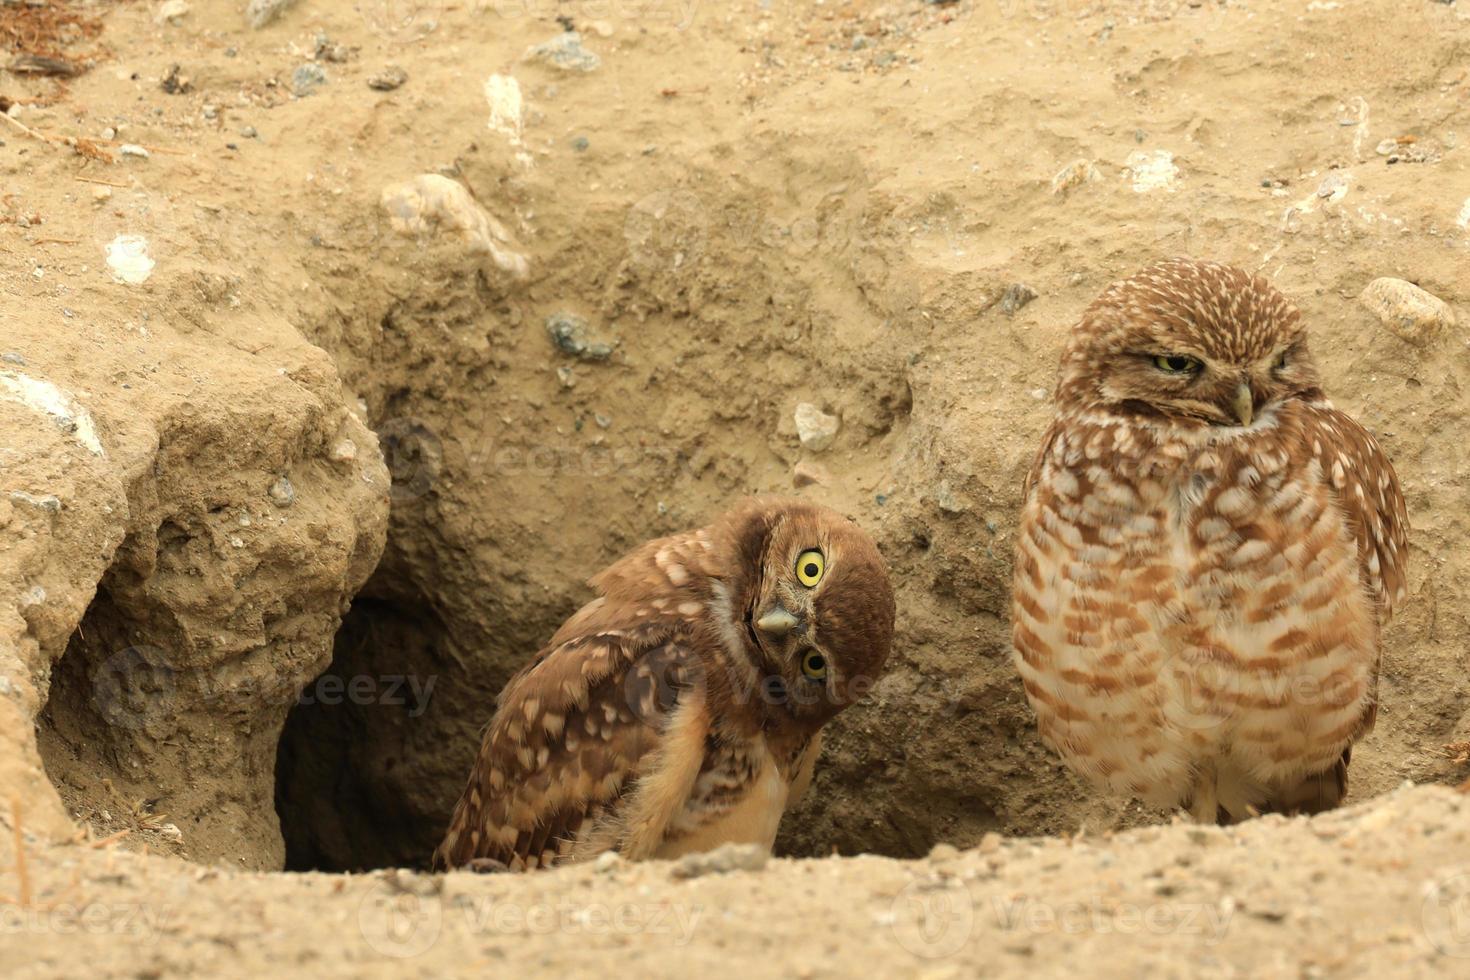 Graben von jungen Eulen in Südkalifornien in ihrem wilden Lebensraum foto